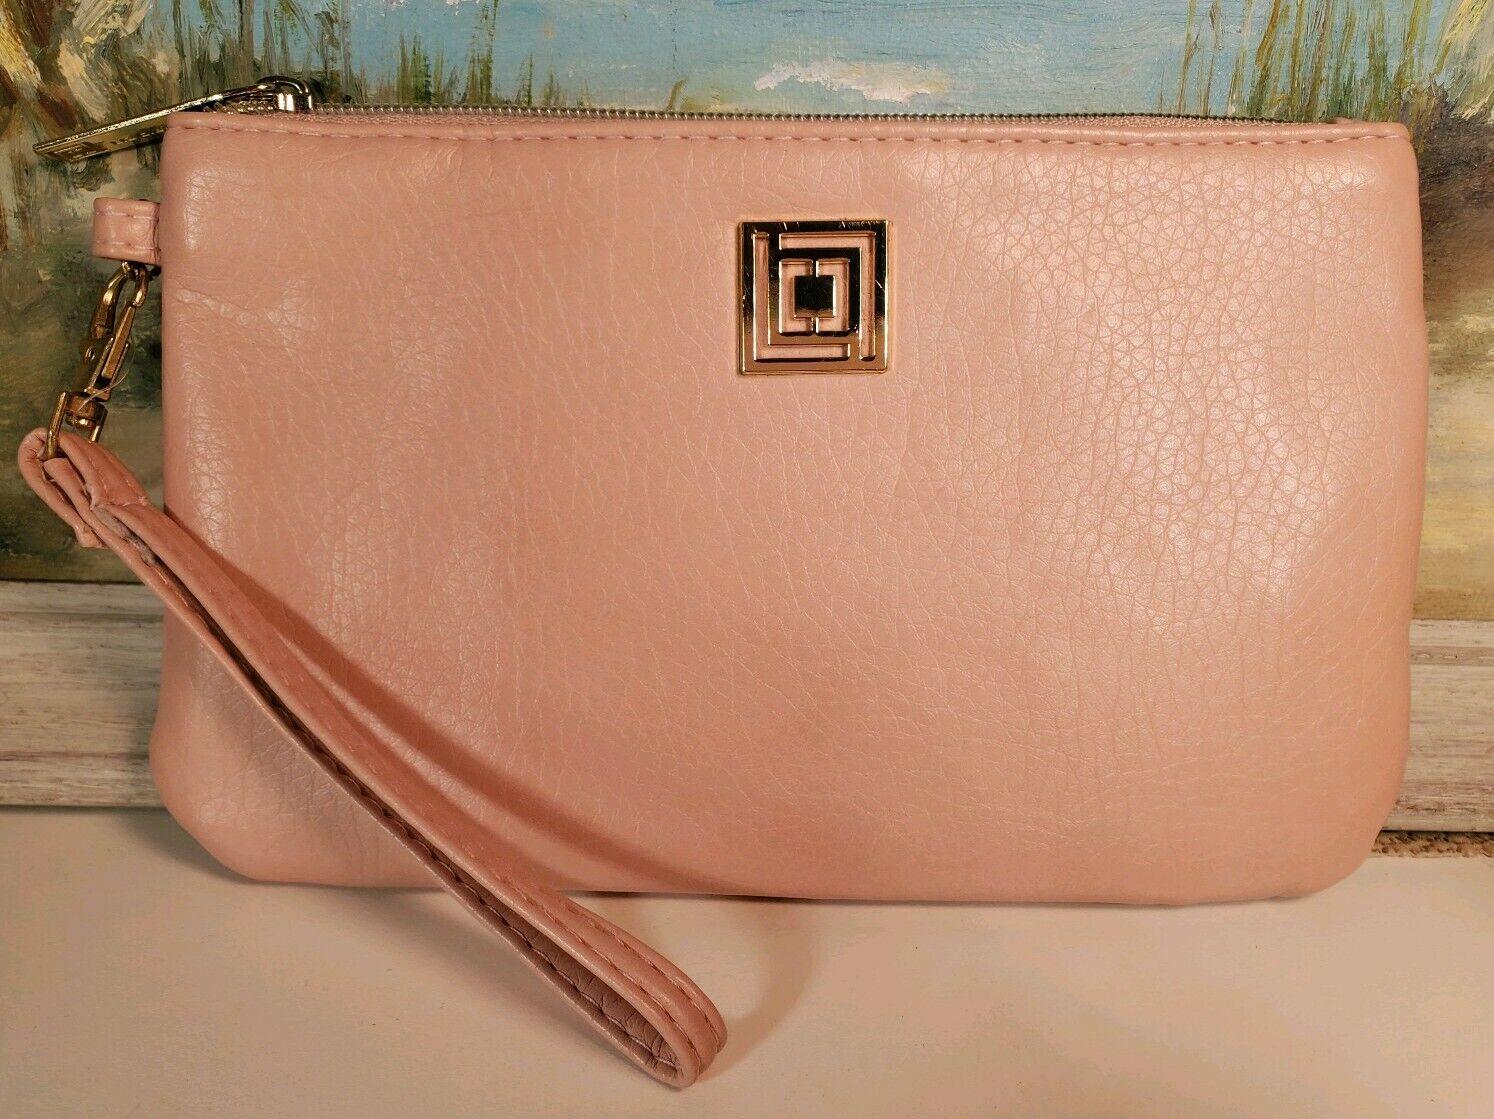 Liz Claiborne wristlet pink faux leather NWOT Womens